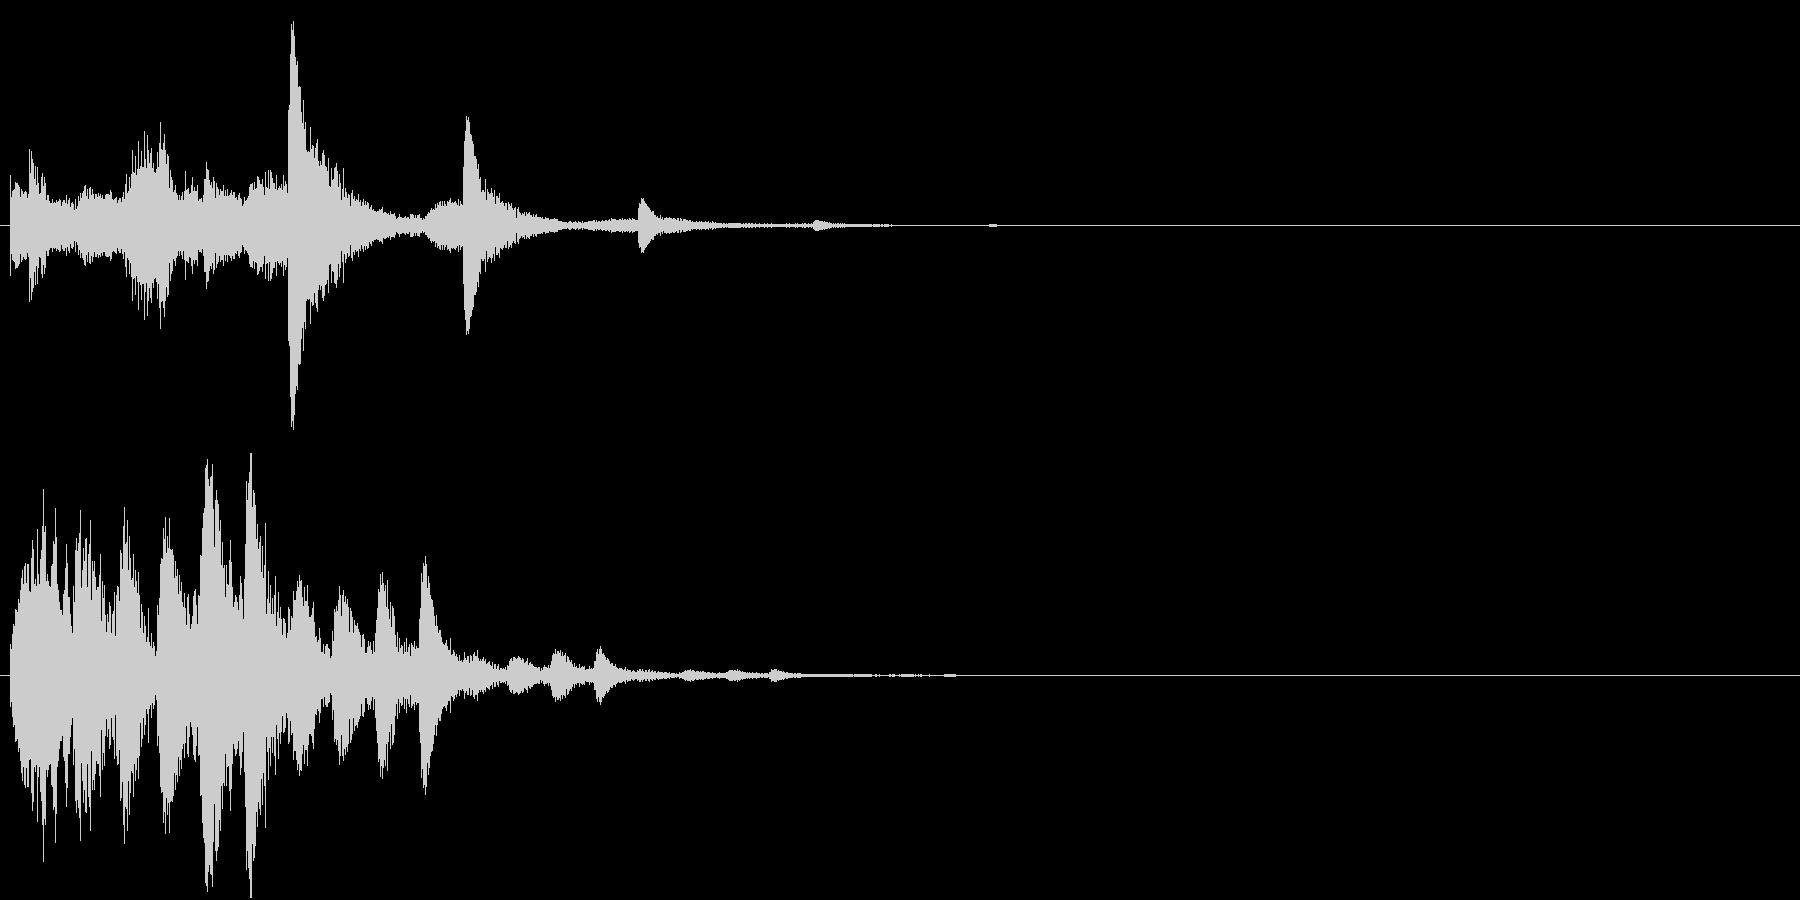 パラララパラランラン(パララン系装飾音)の未再生の波形